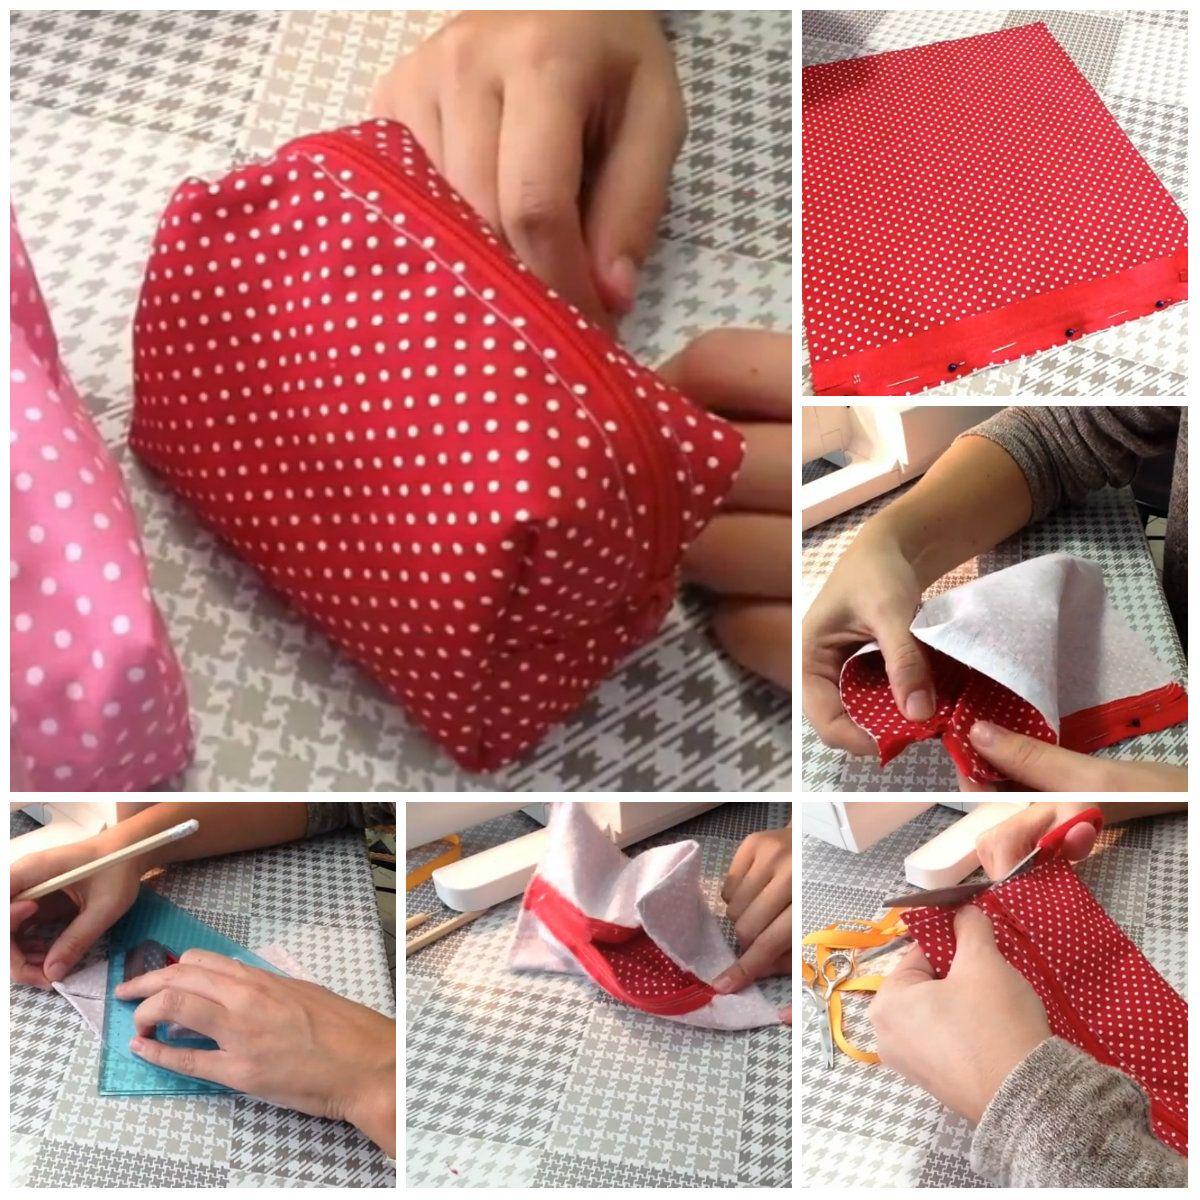 Borse Di Stoffa Da Cucire : Come cucire una pochette tutorial borse di stoffa